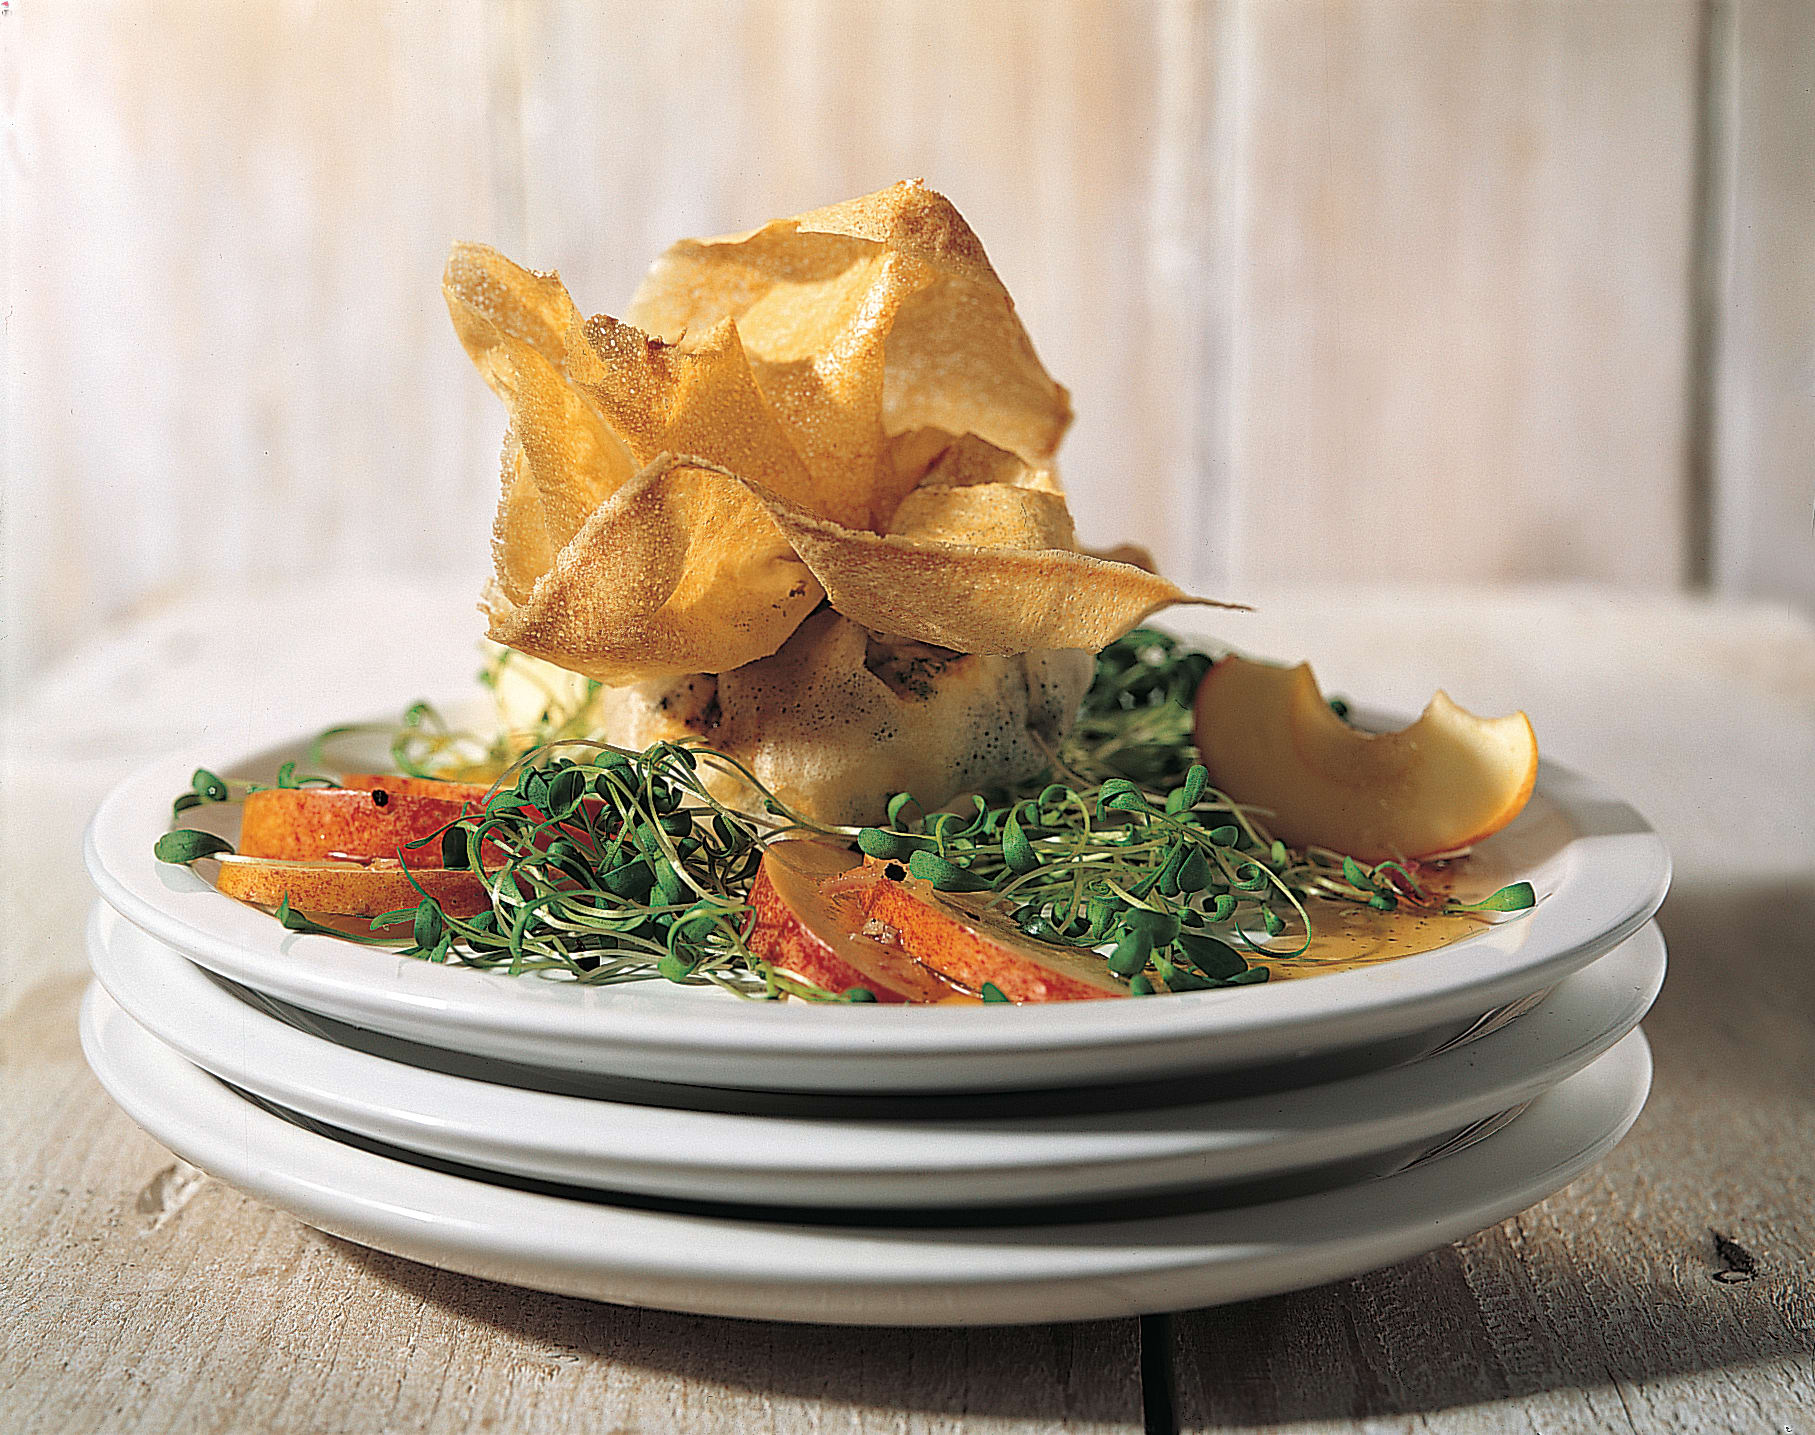 Schafnidelchäsli im Knusperbeutel mit Kresse-Apfel-Salat